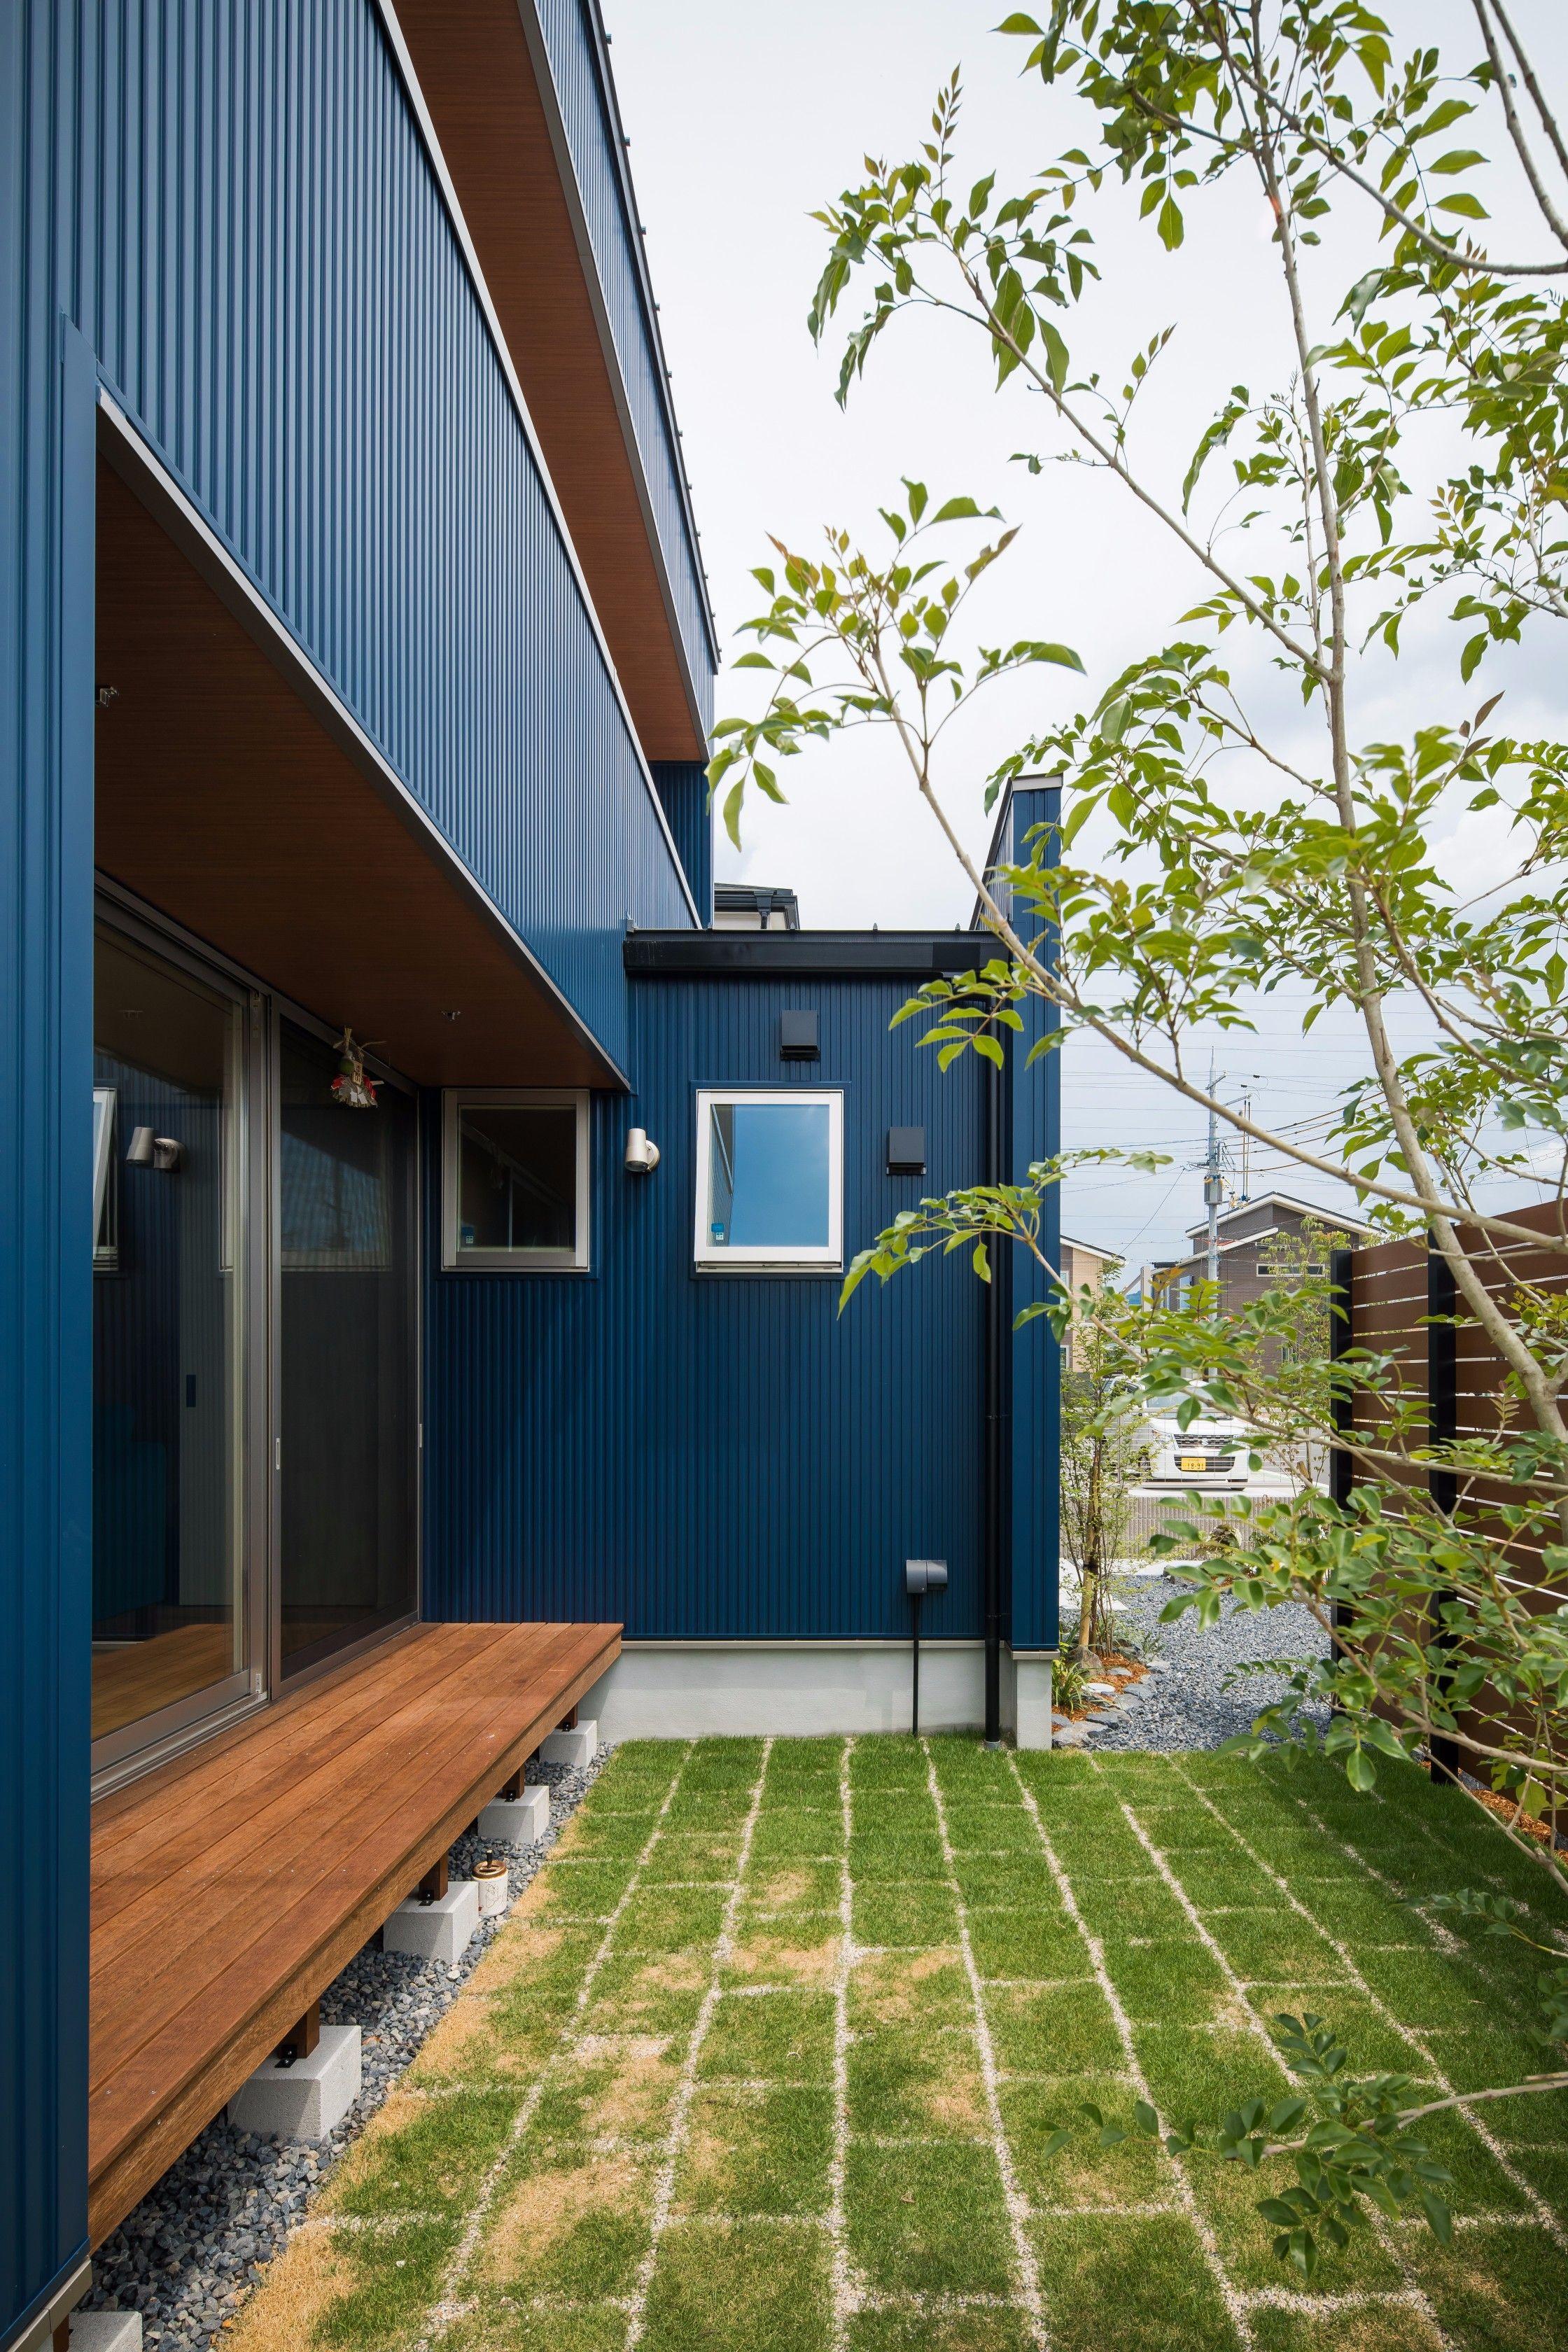 風にそよぐ緑にほっこりする庭 ルポハウス 設計事務所 工務店 設計